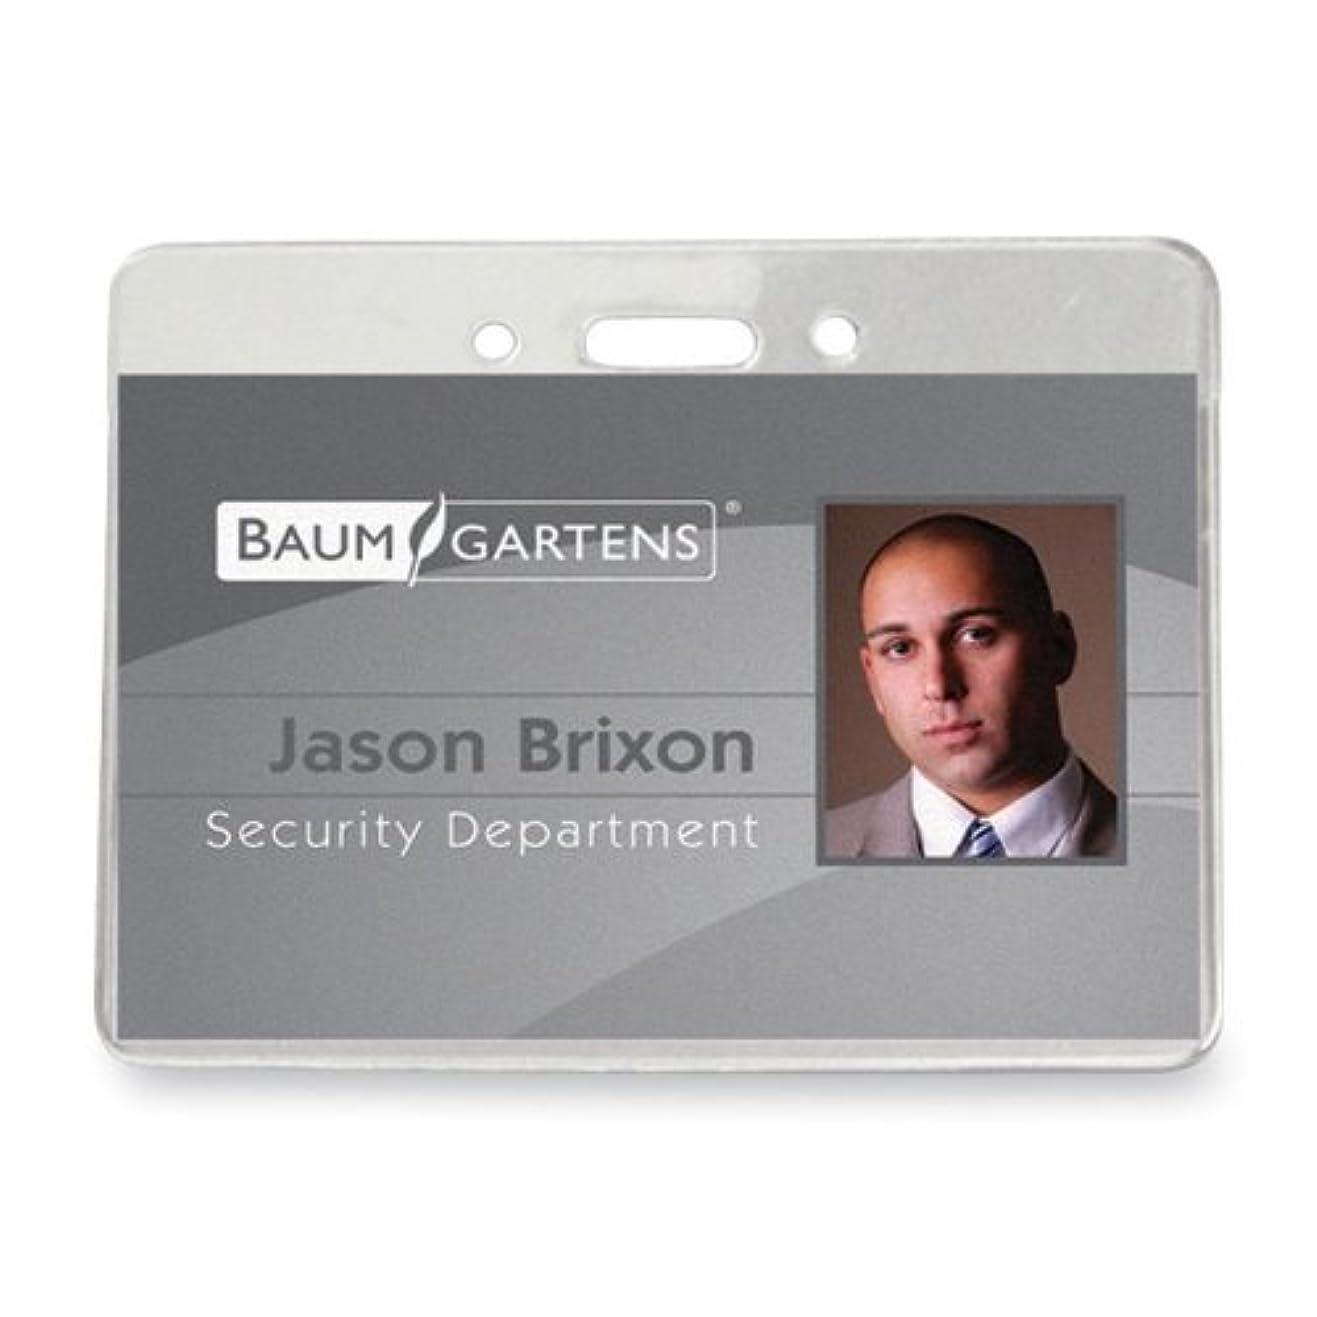 糞七時半見てBaumgartens BAU67870 Govt Badge Holder,Vinyl,Horizontal,3.88 in. x 2.63 in.,50-PK,CL